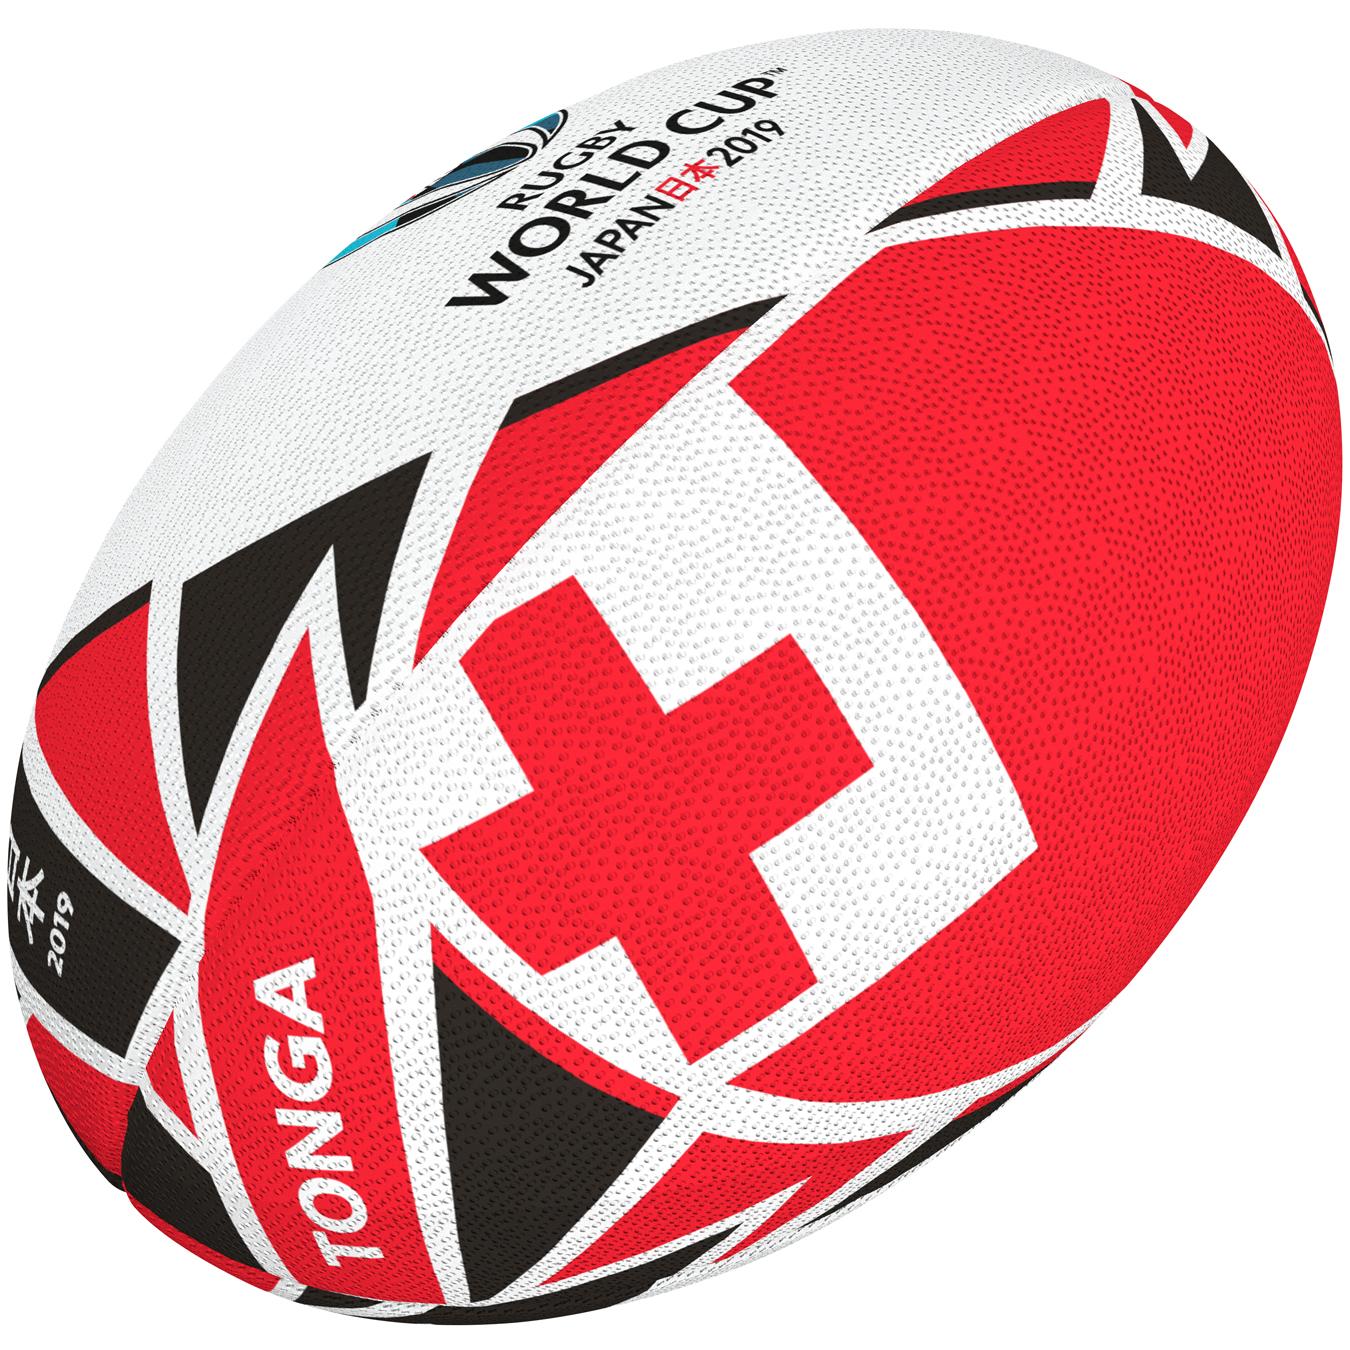 c8320615 TONGA piłka replika w rozmiarze 5 RWC JAPAN 2019 - GilbertPolska